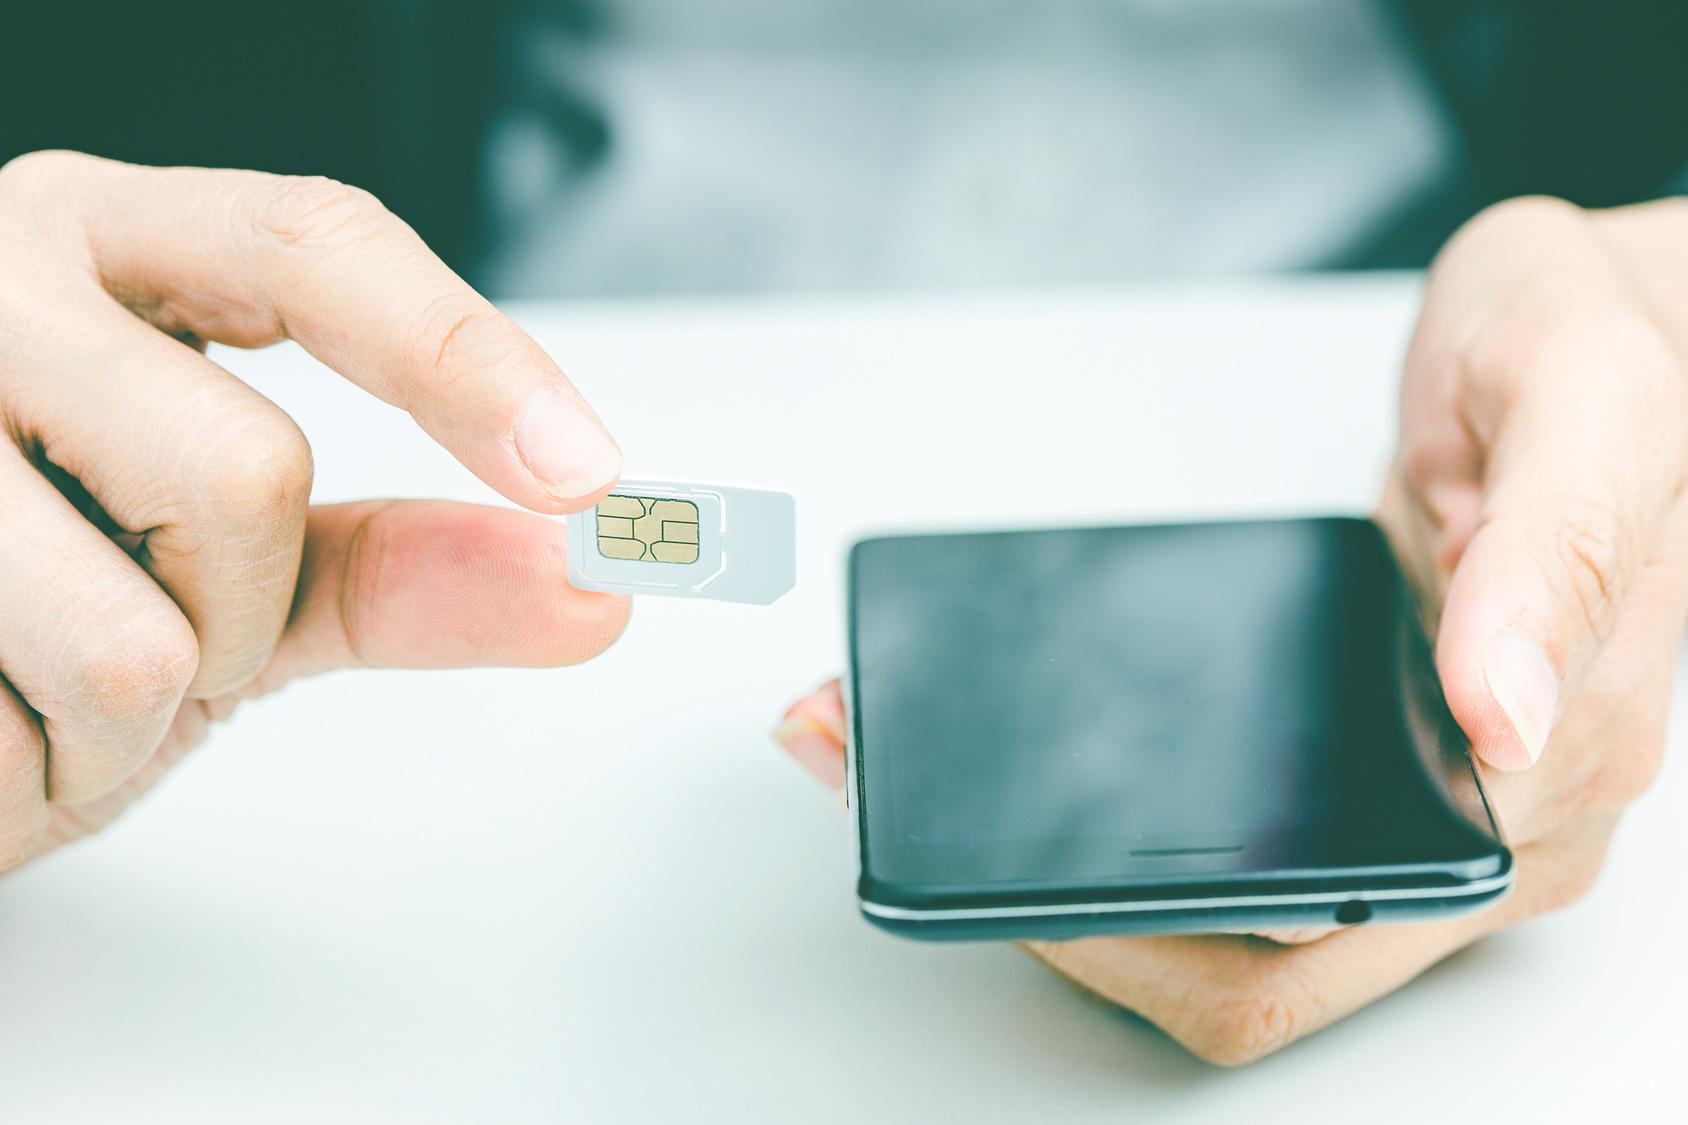 格安SIMとは?プロおすすめの正しい選び方と初心者がお得に契約する方法